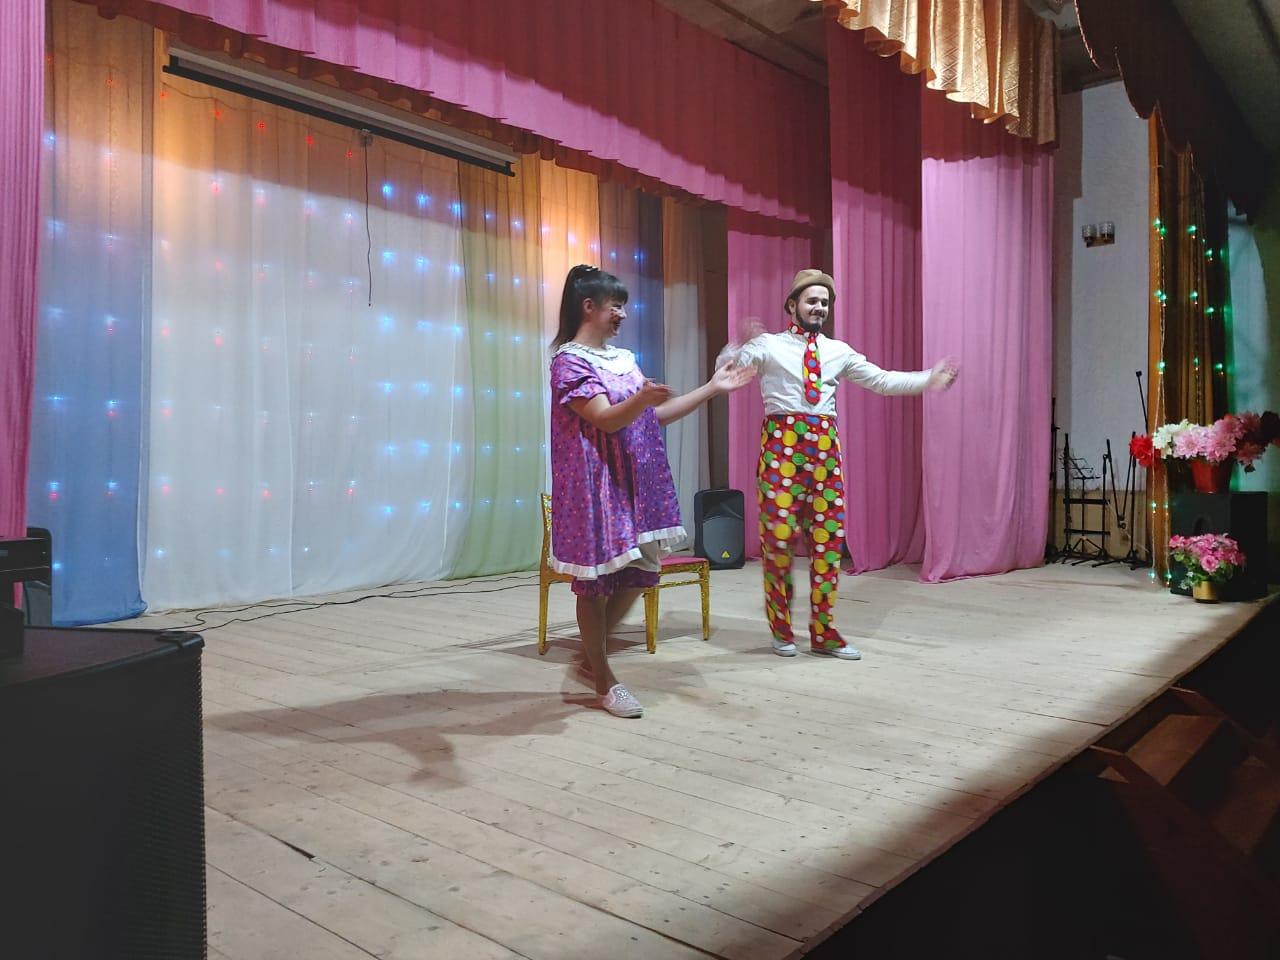 Гастроли эстрадно-цирковой группы «Чингиз и Тамерлан».